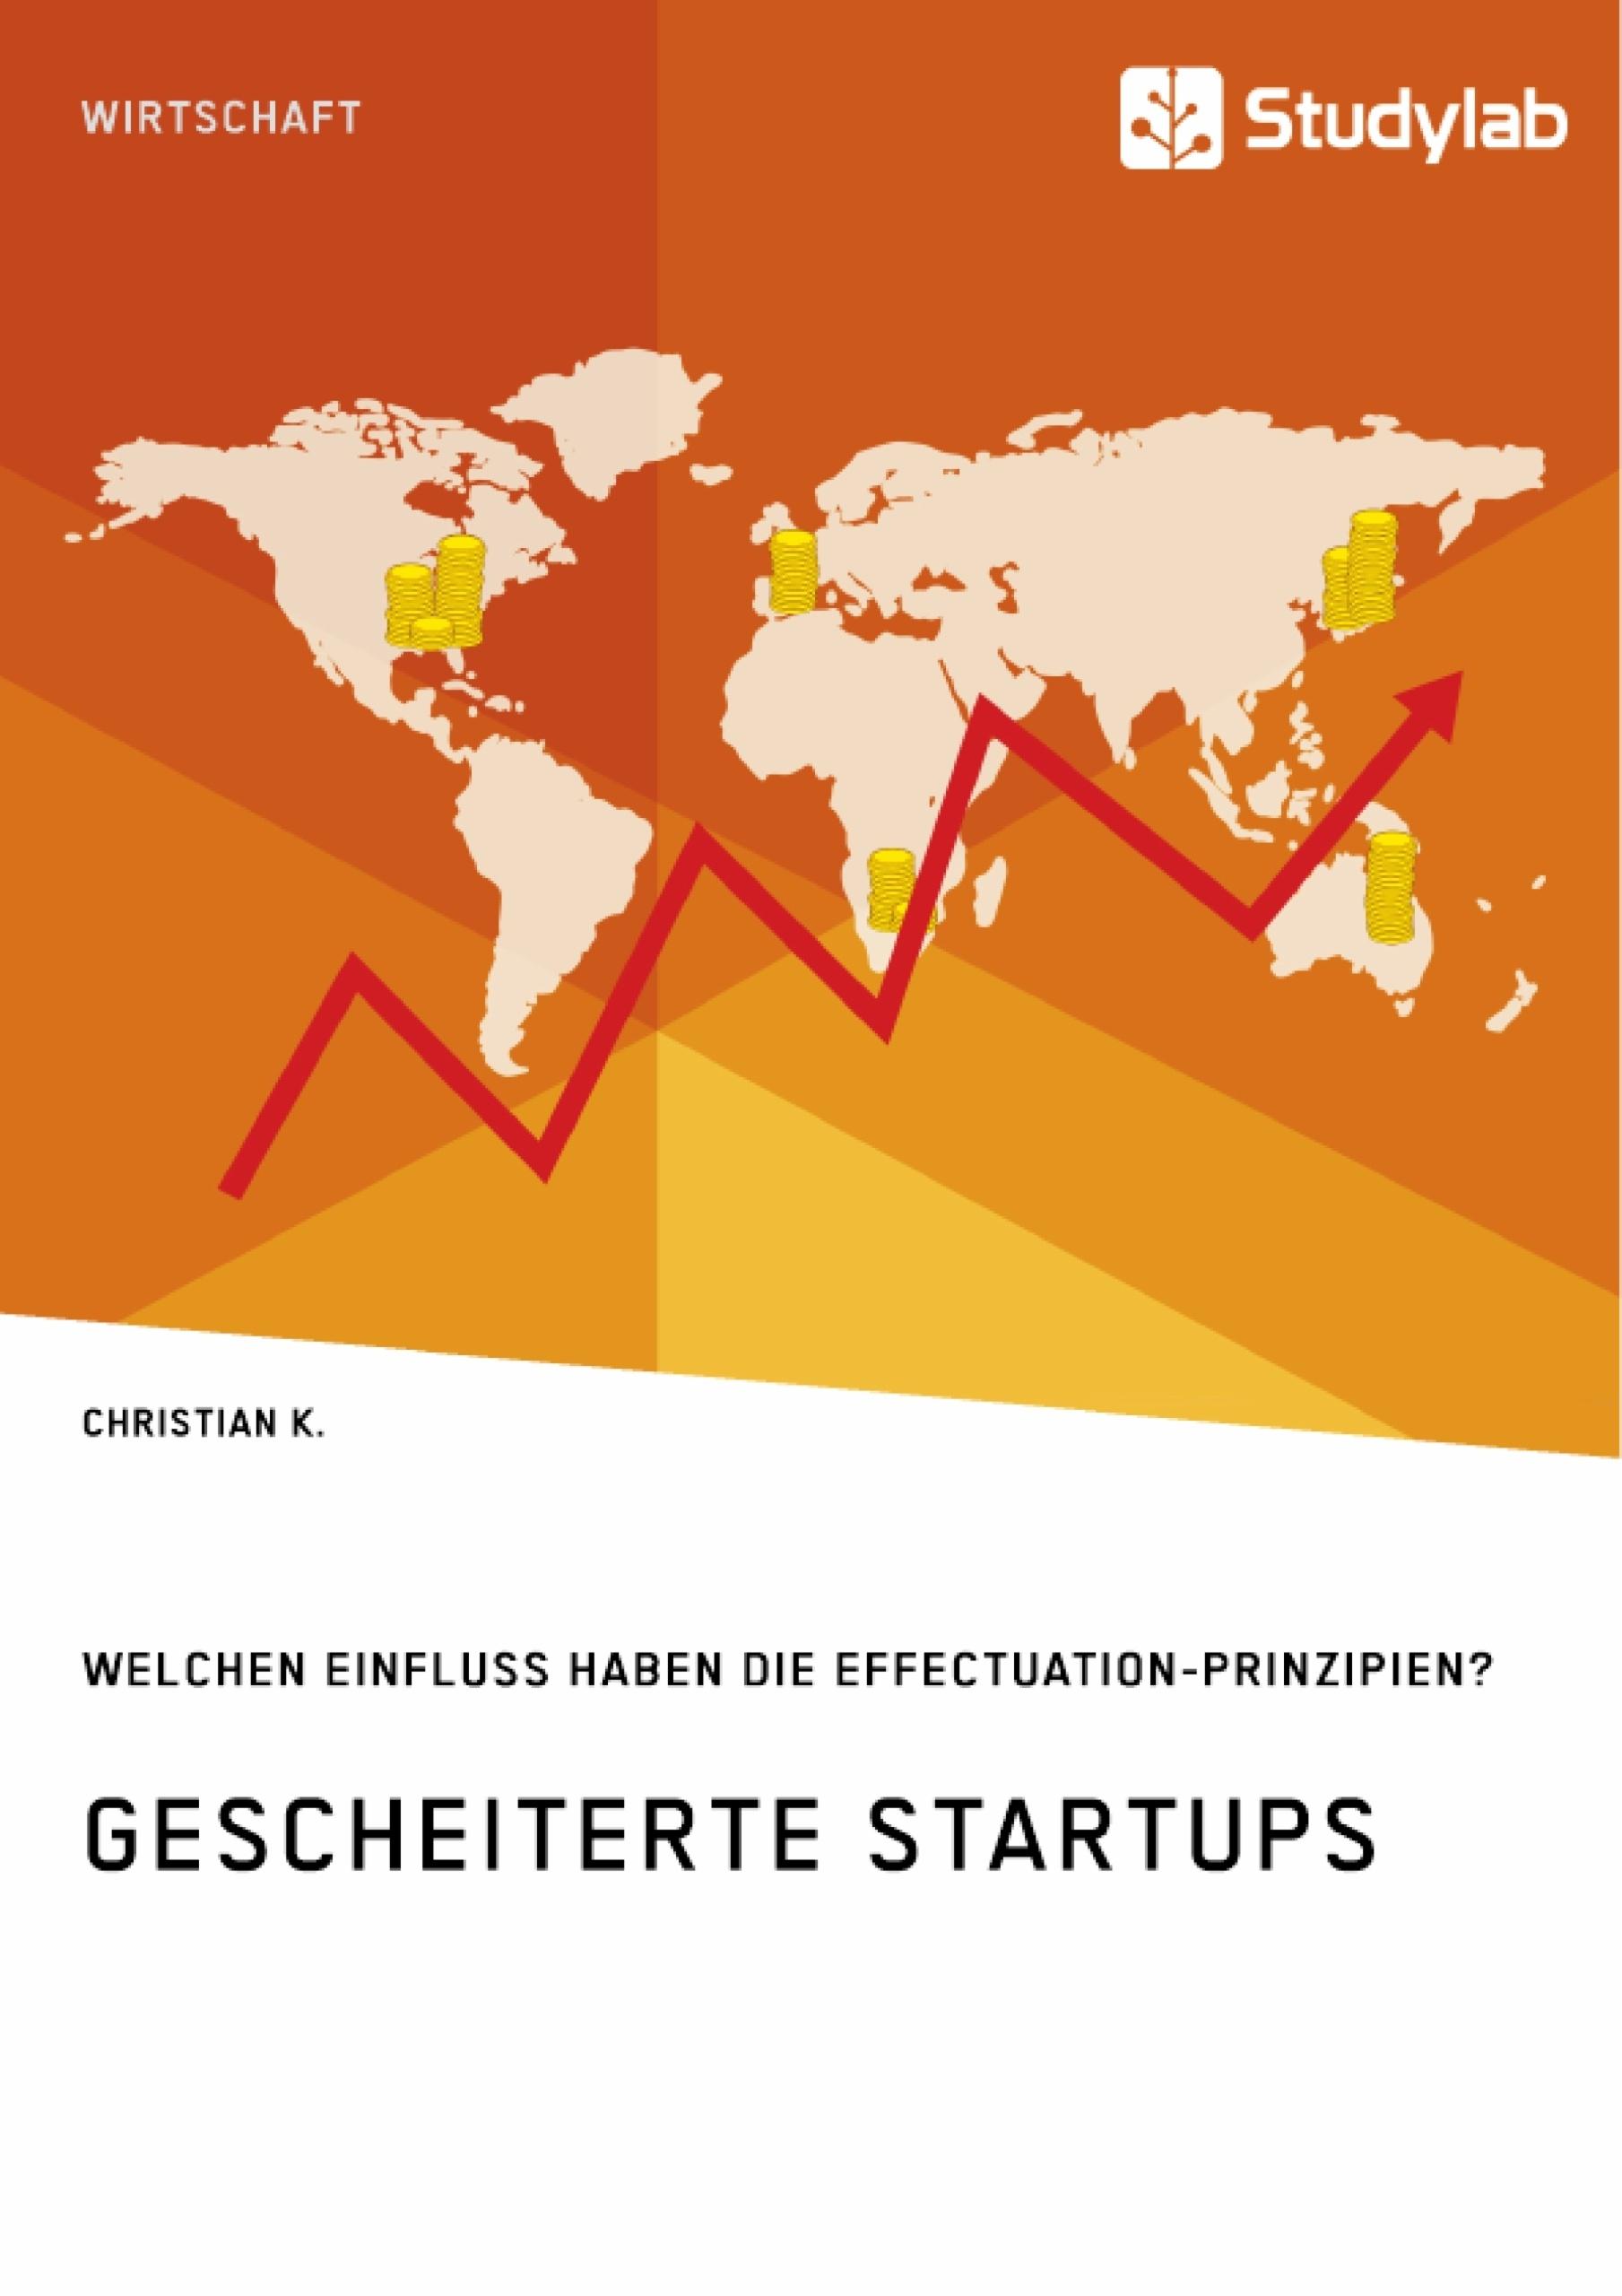 Titel: Gescheiterte Startups. Welchen Einfluss haben die Effectuation-Prinzipien?